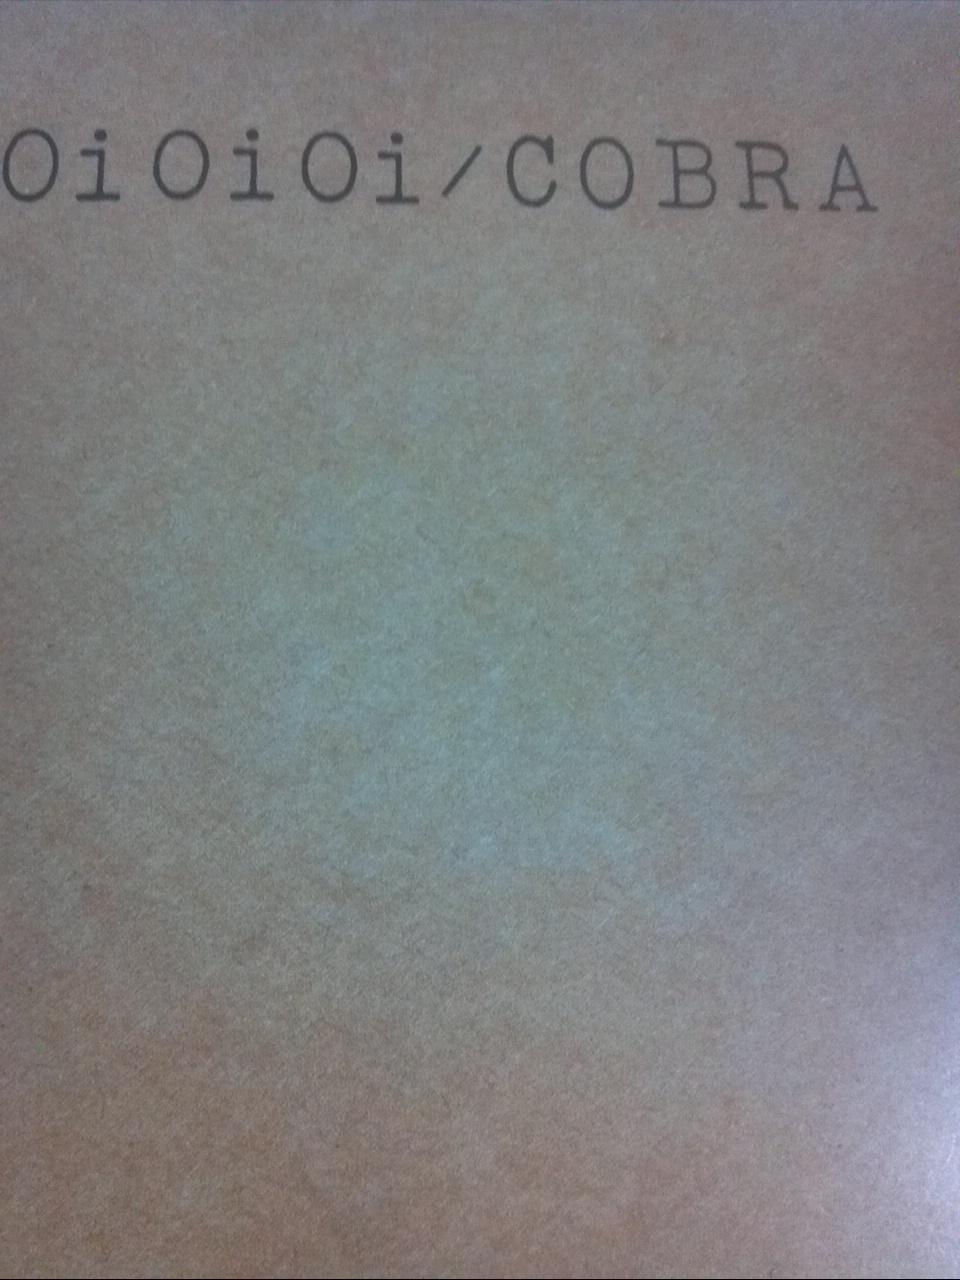 COBRA;OiOiOi